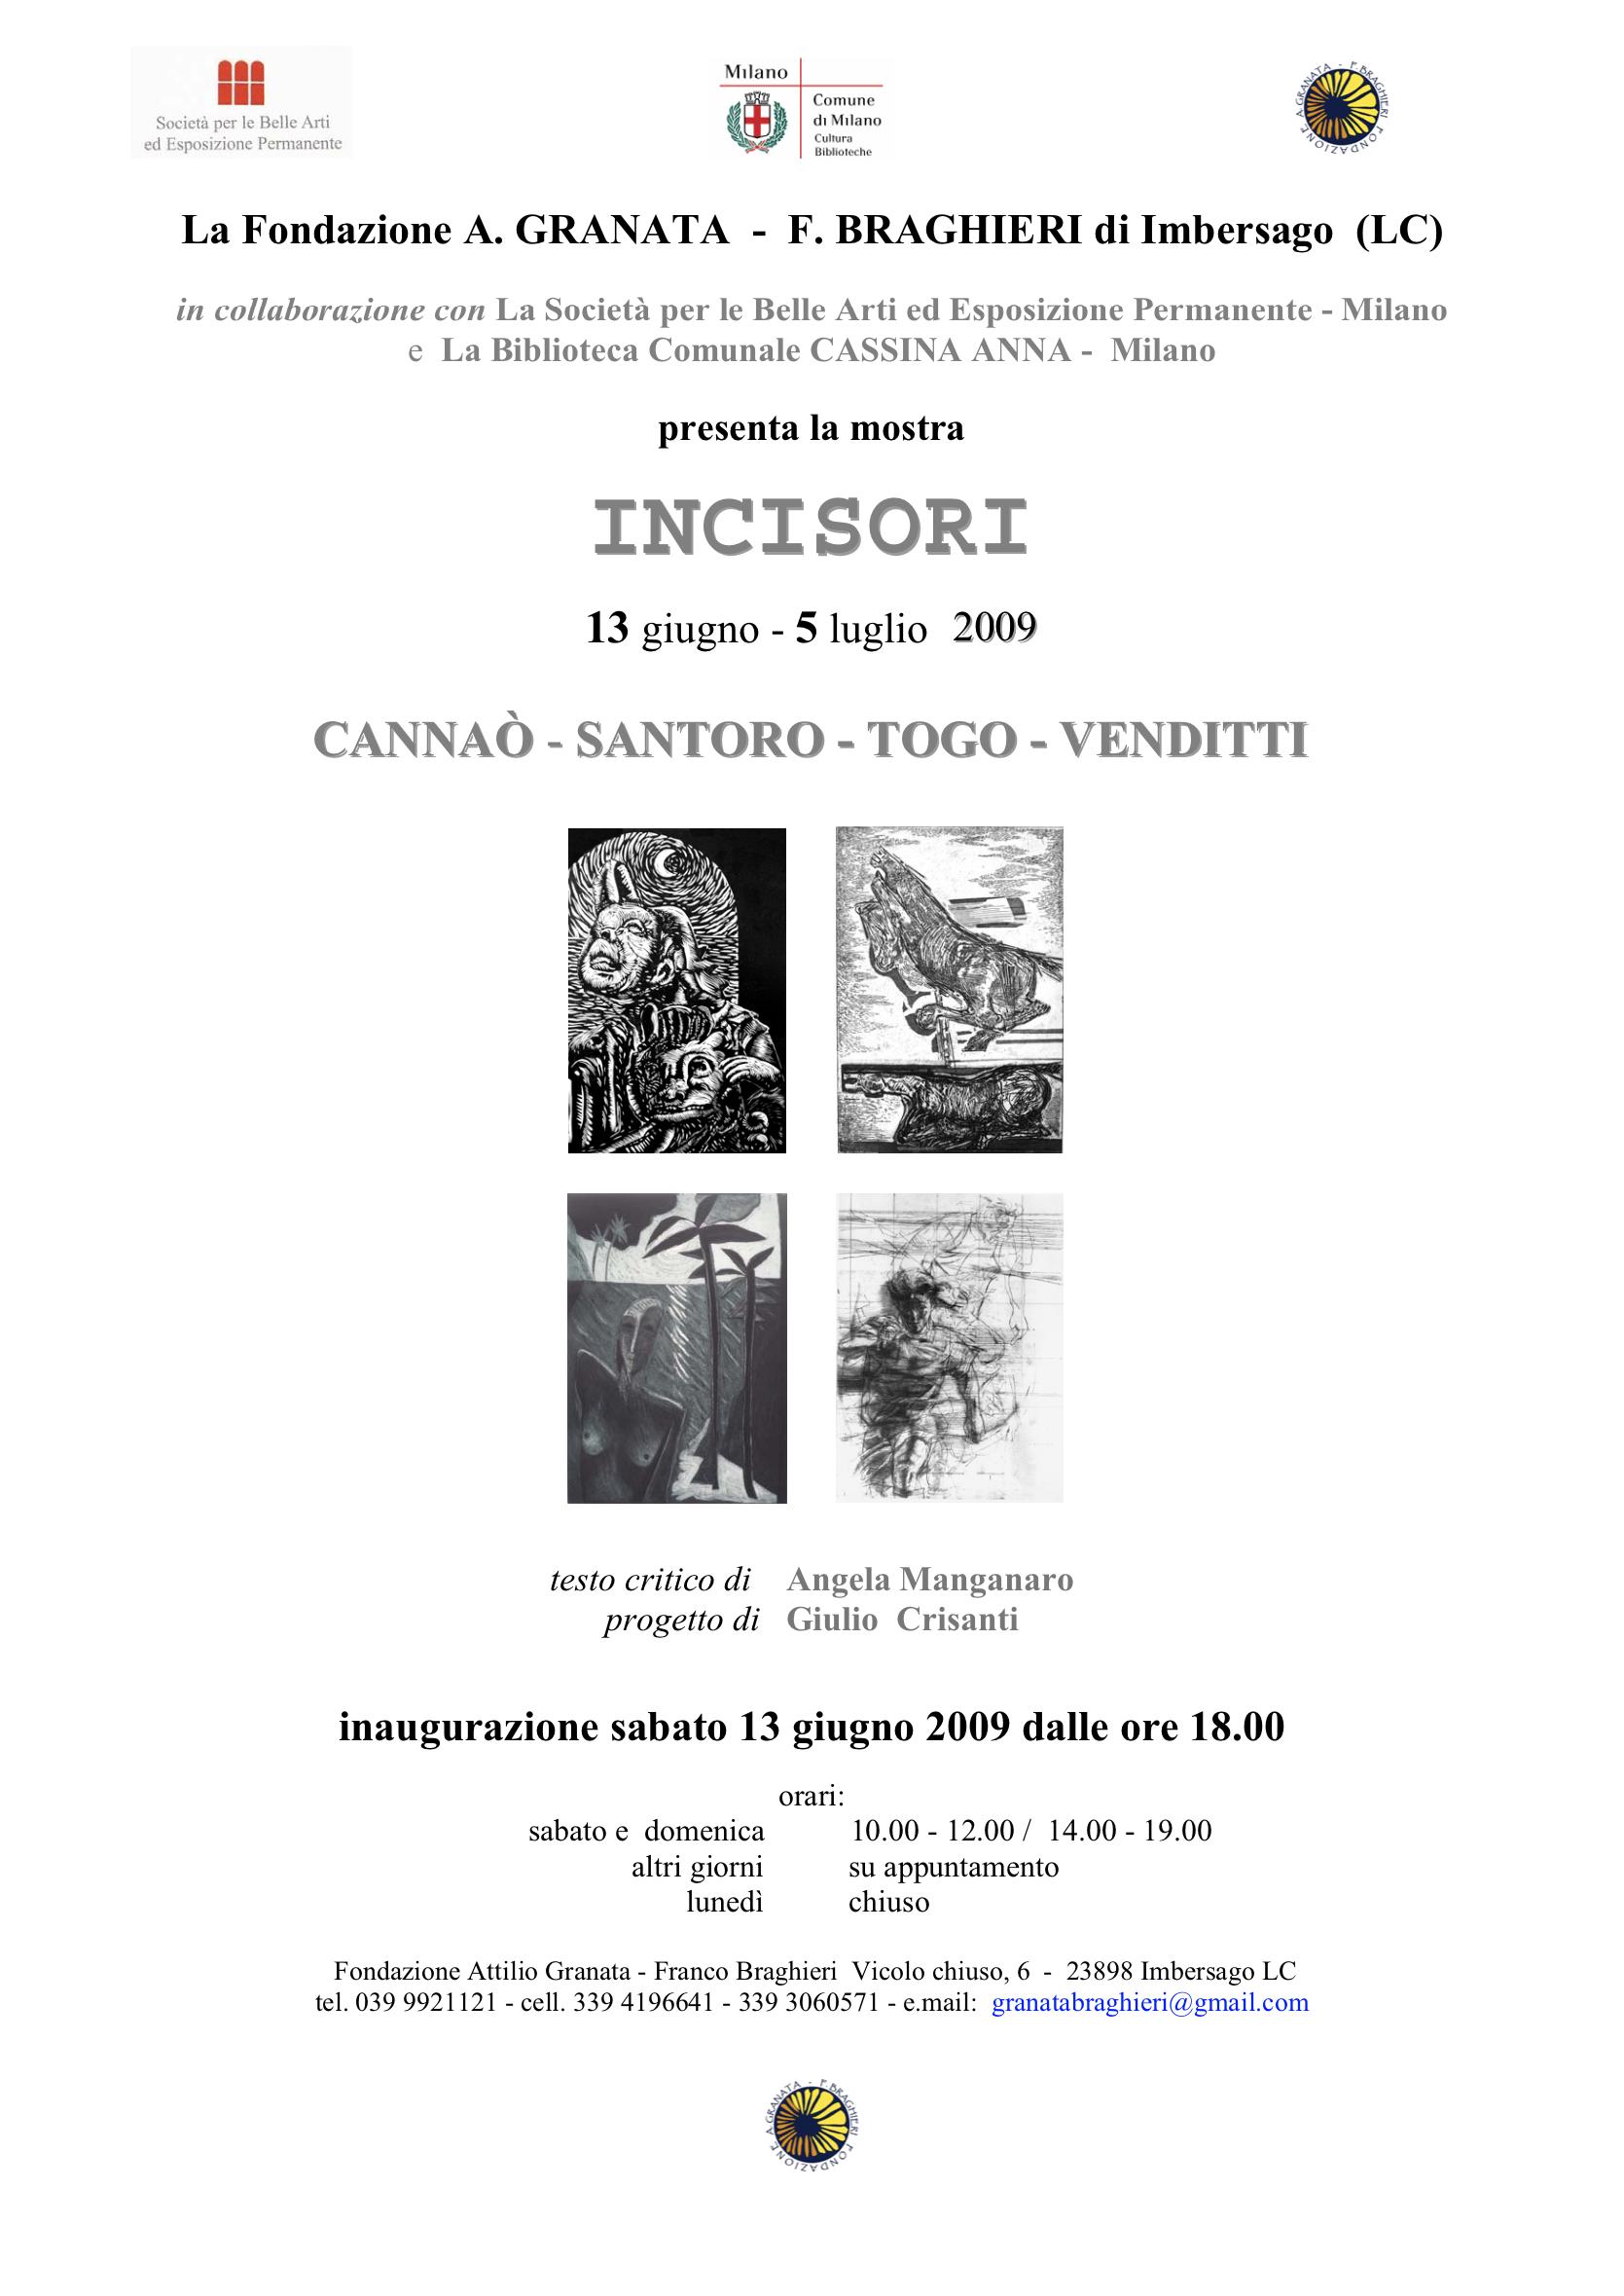 Incisori di Michele Cannaò-Tano Santoro-Togo-Alberto Venditti